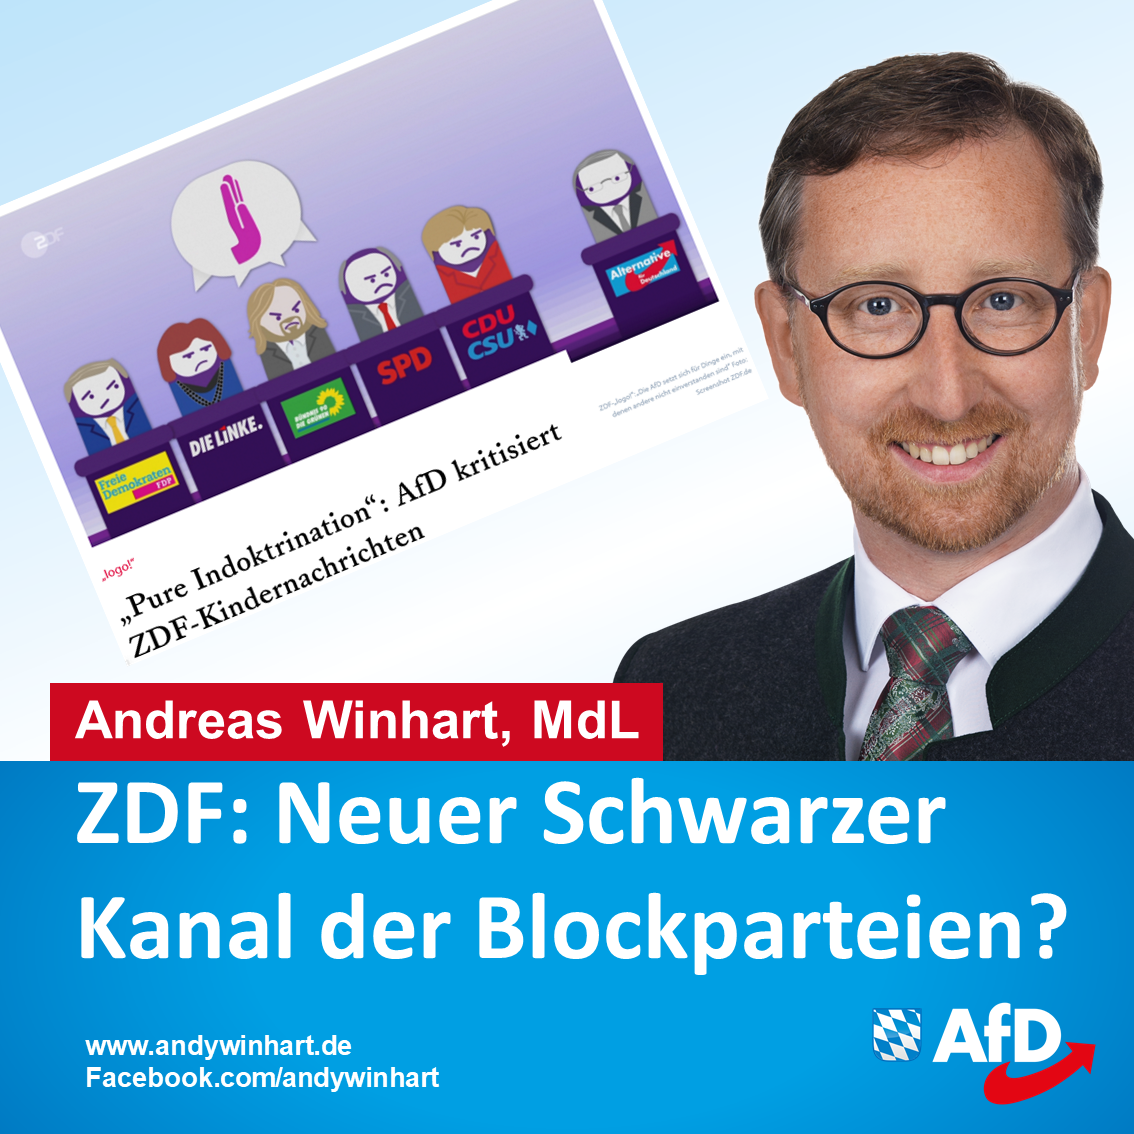 Blockparteien